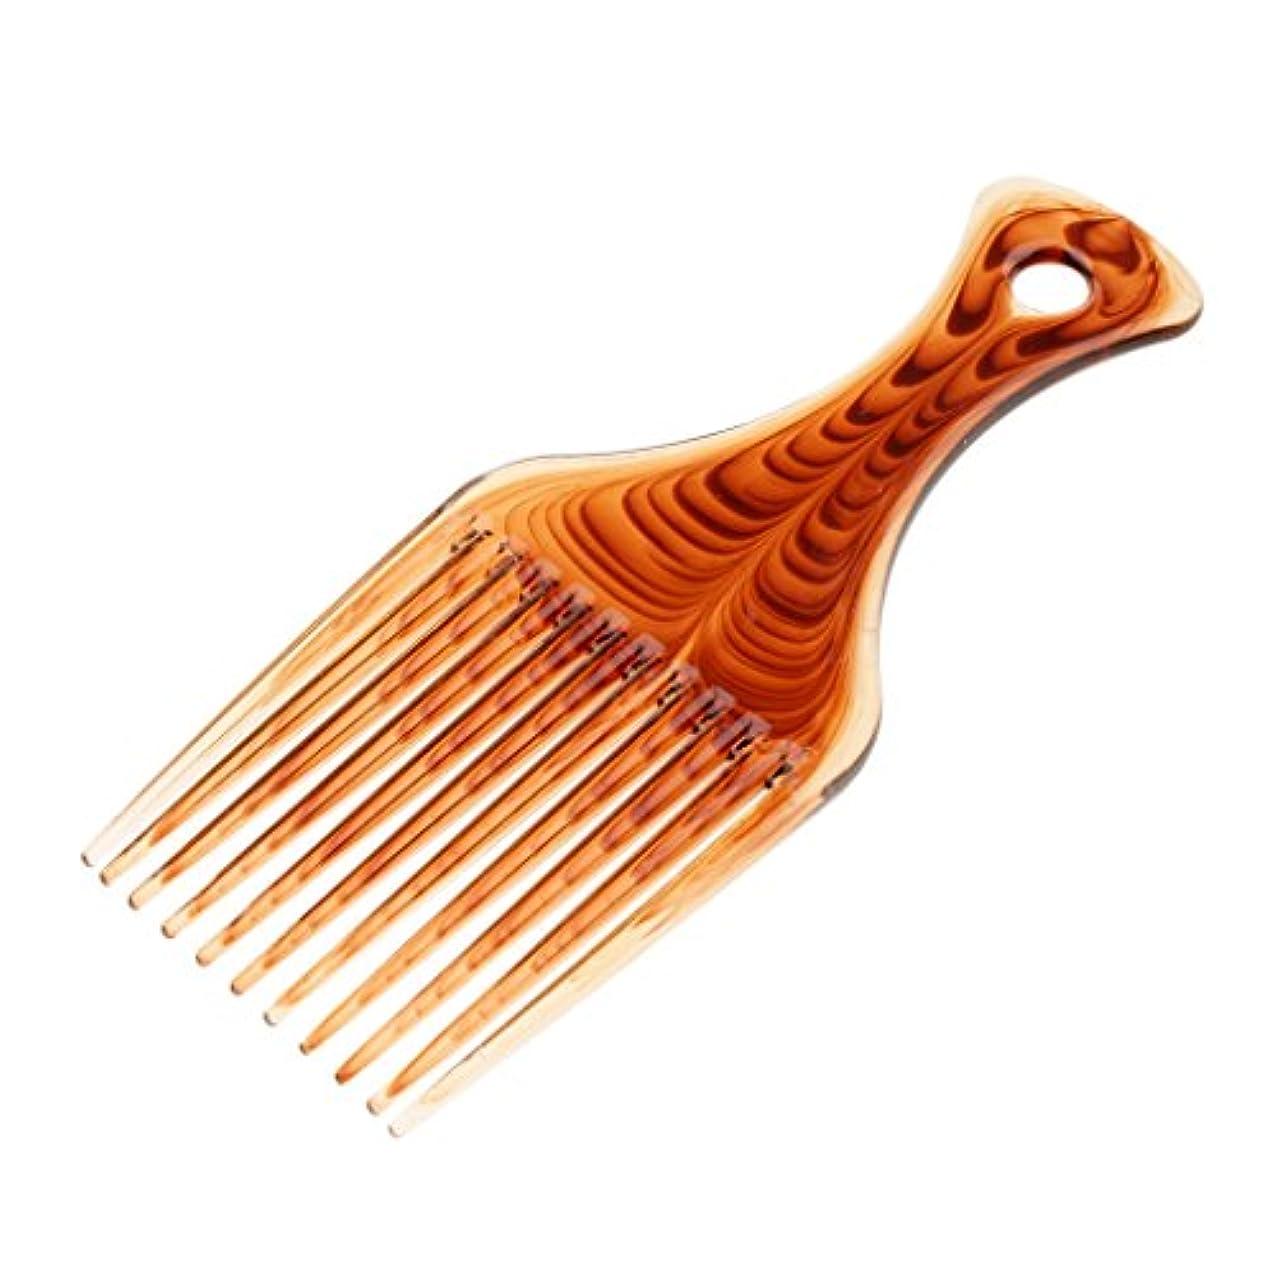 ご注意木護衛ヘアコーム ヘアブラシ くし プラスチック製 アフロ 髪の櫛 かつらにも適用 スタイリング 持ち上げ ヘアブラシ